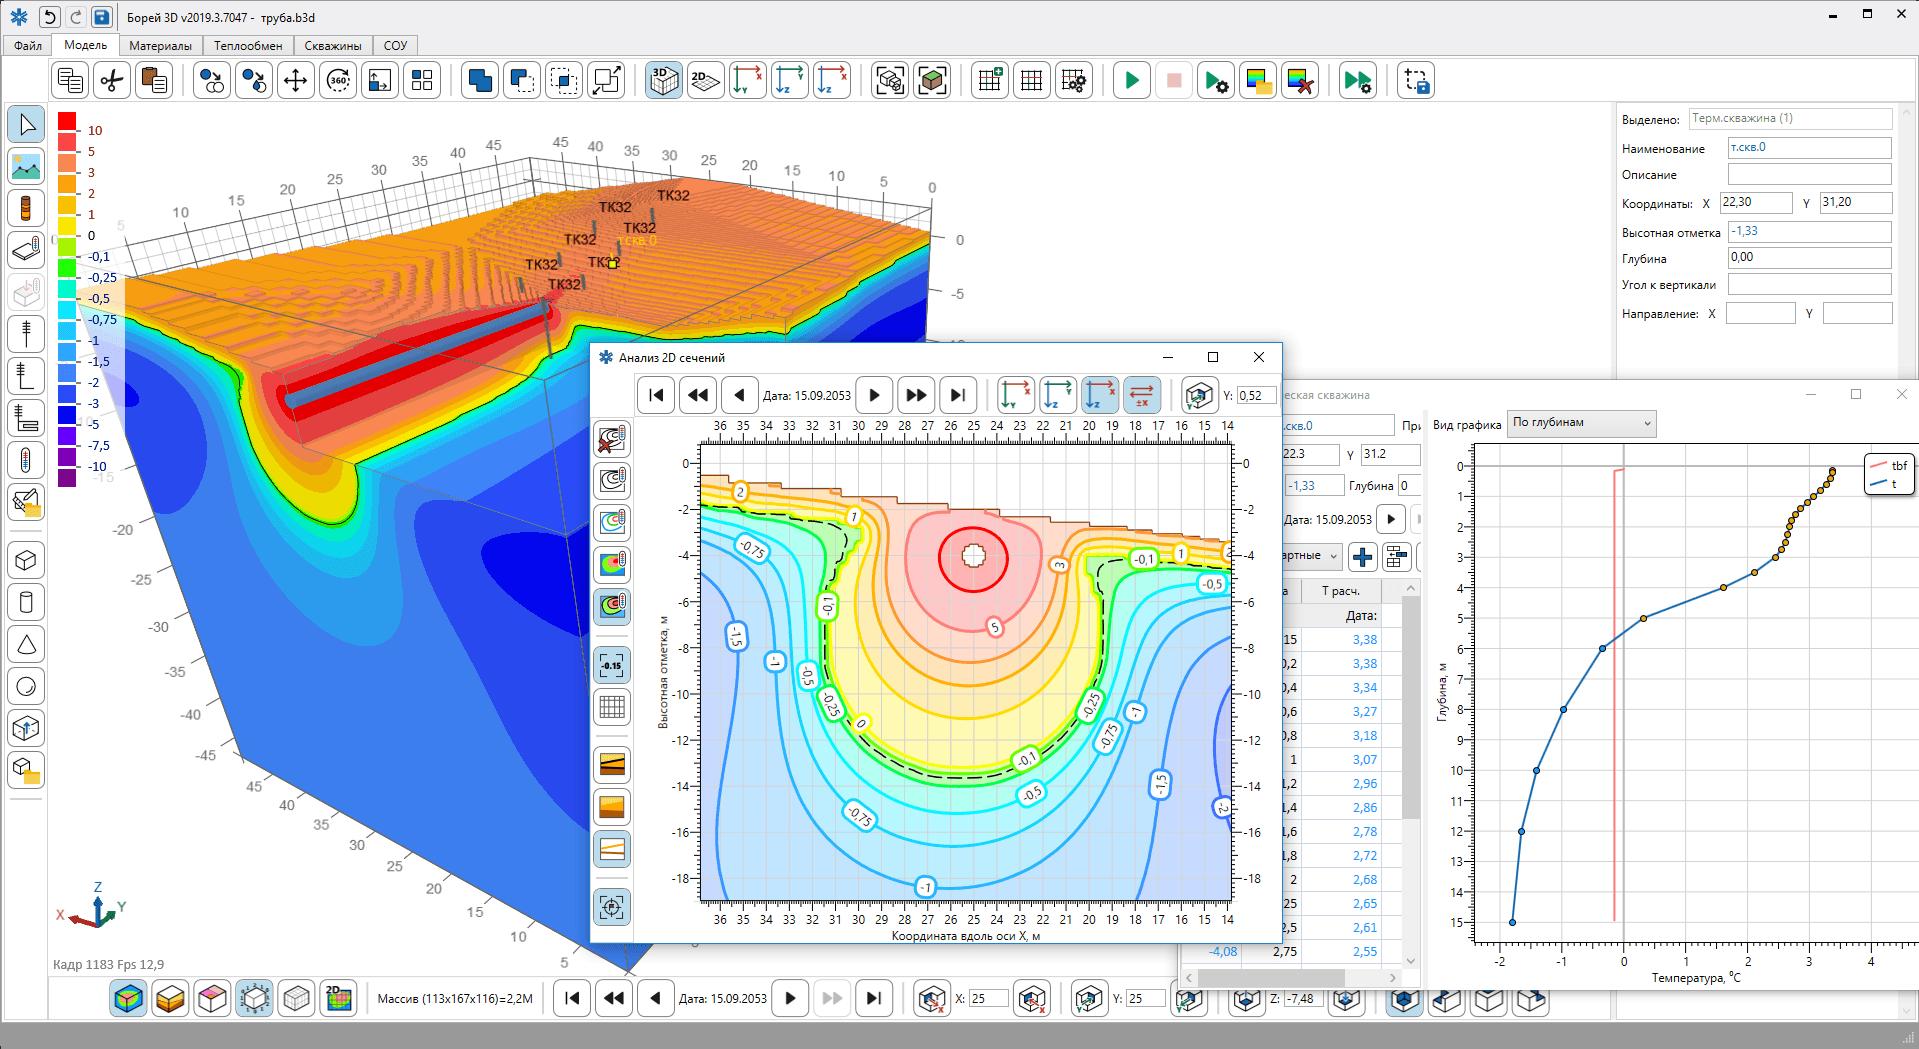 Выполнение расчета и анализ распределения температур в программе Борей 3D